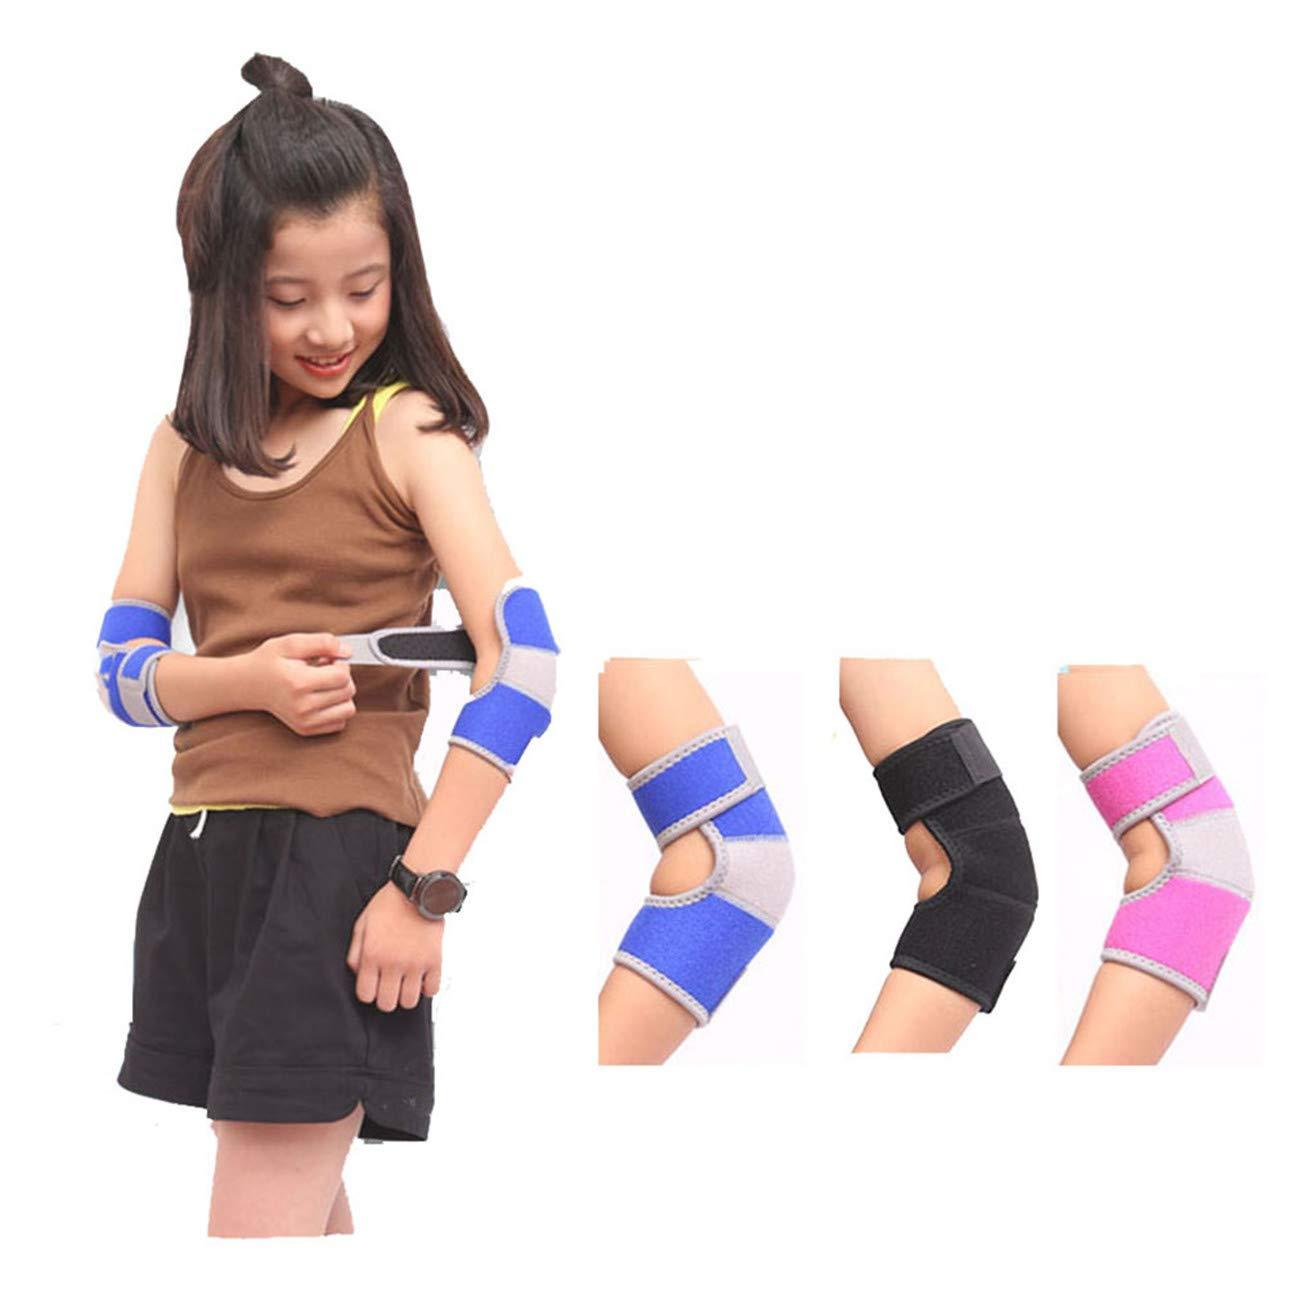 Bigsweety Kinder Verstellbare Ellenbogenbandage Protector Crash Proof Pad Atmungsaktiv Arm Unterstü tzung fü r Radfahren Klettern Tanzen (Schwarz) TangRen